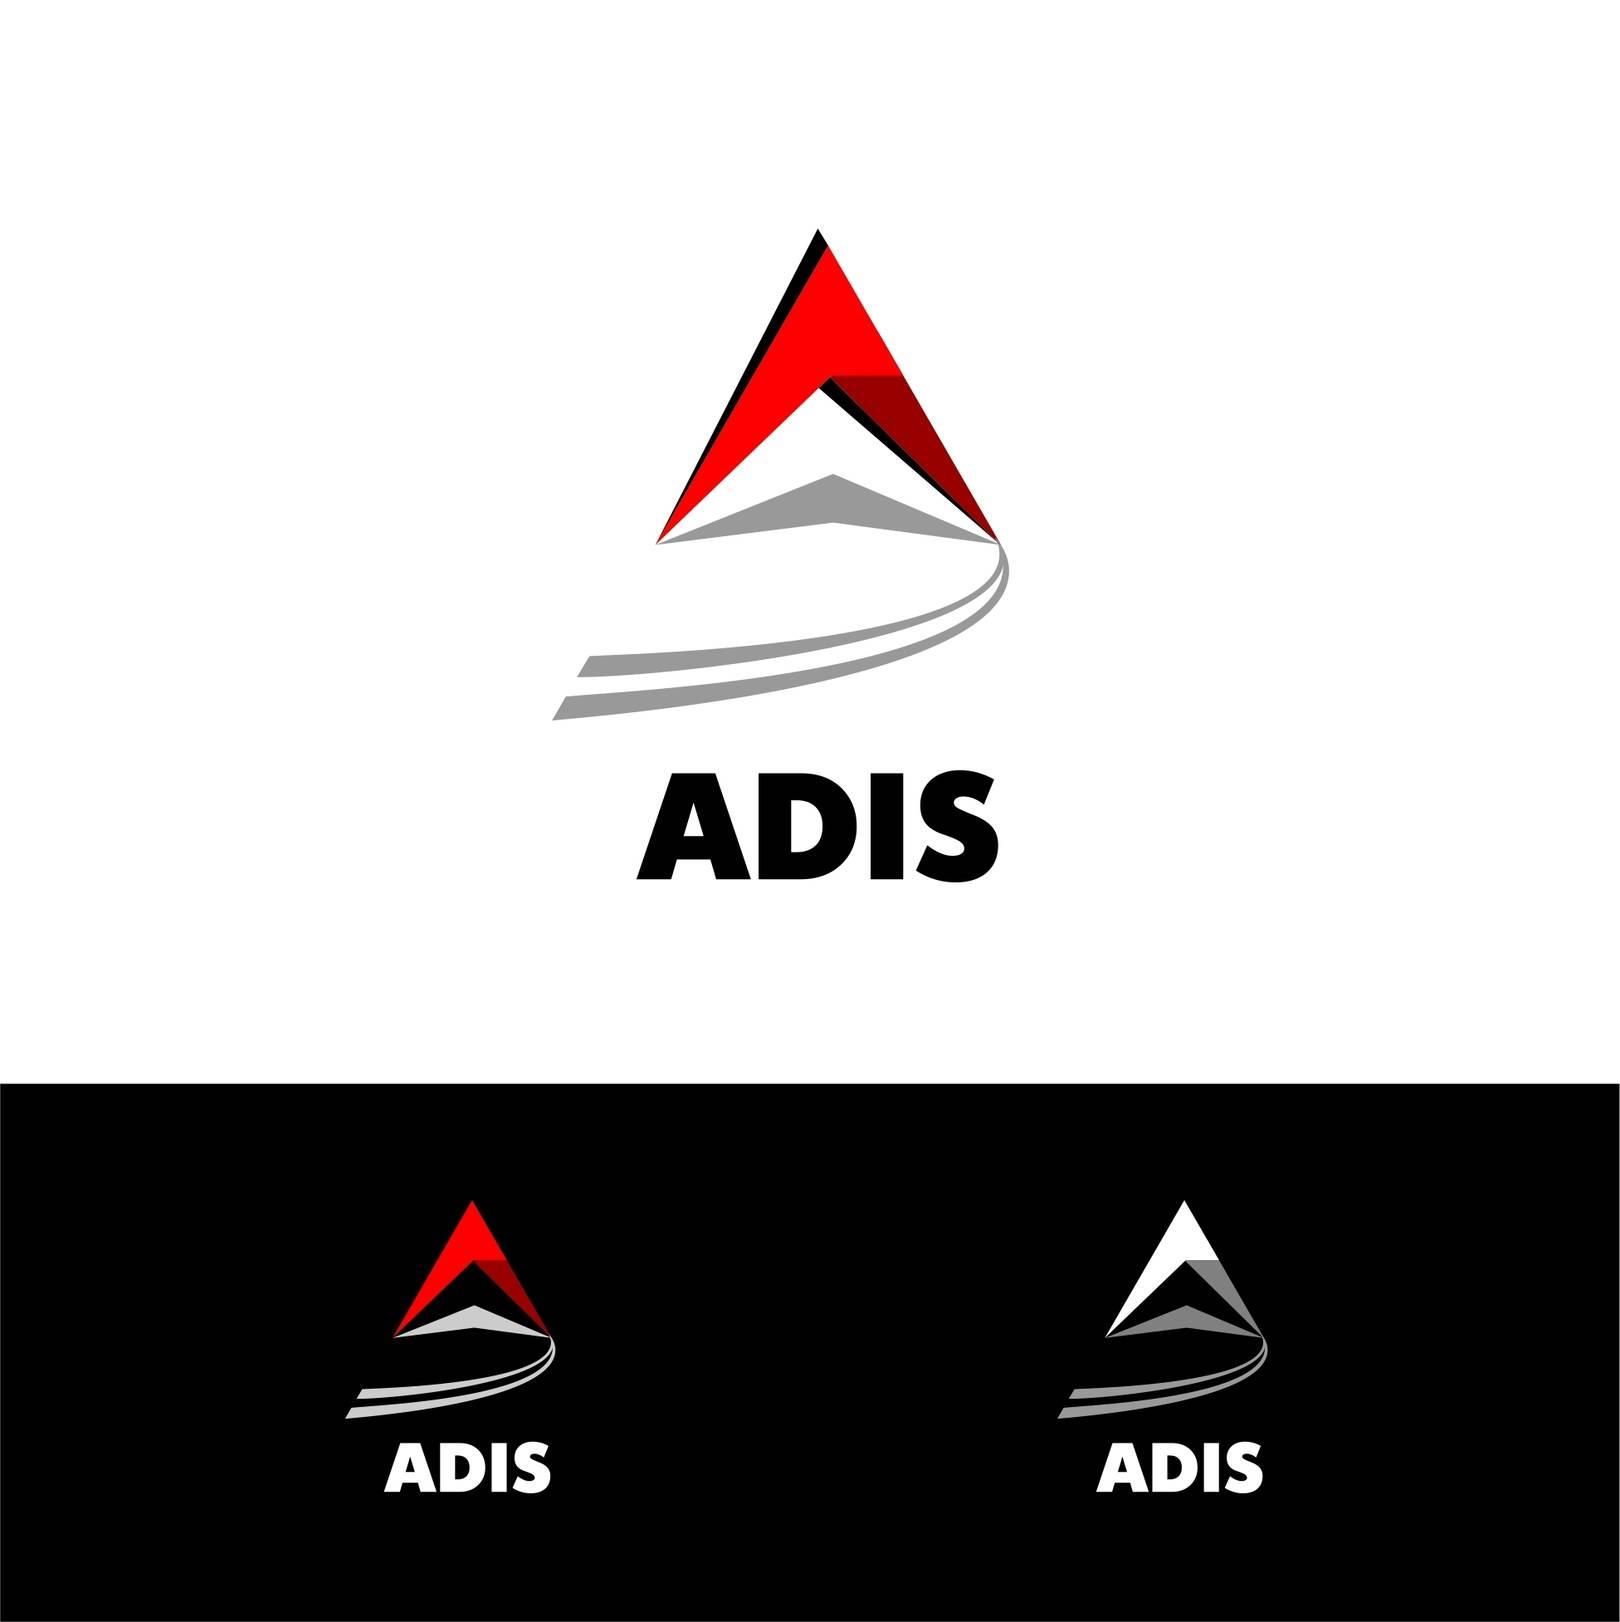 Логотип для ADIS